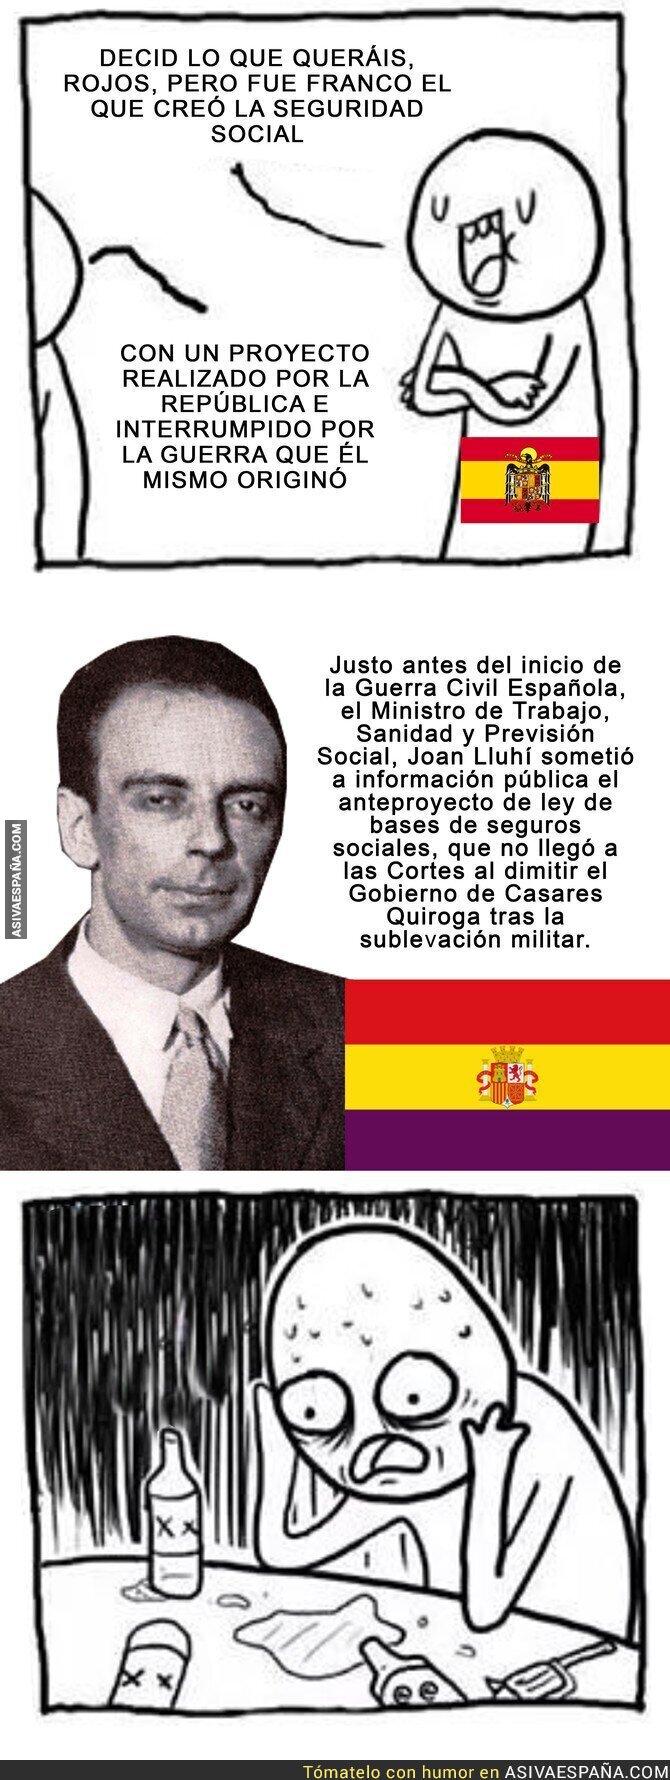 89971 - La supuesta sanidad de Franco